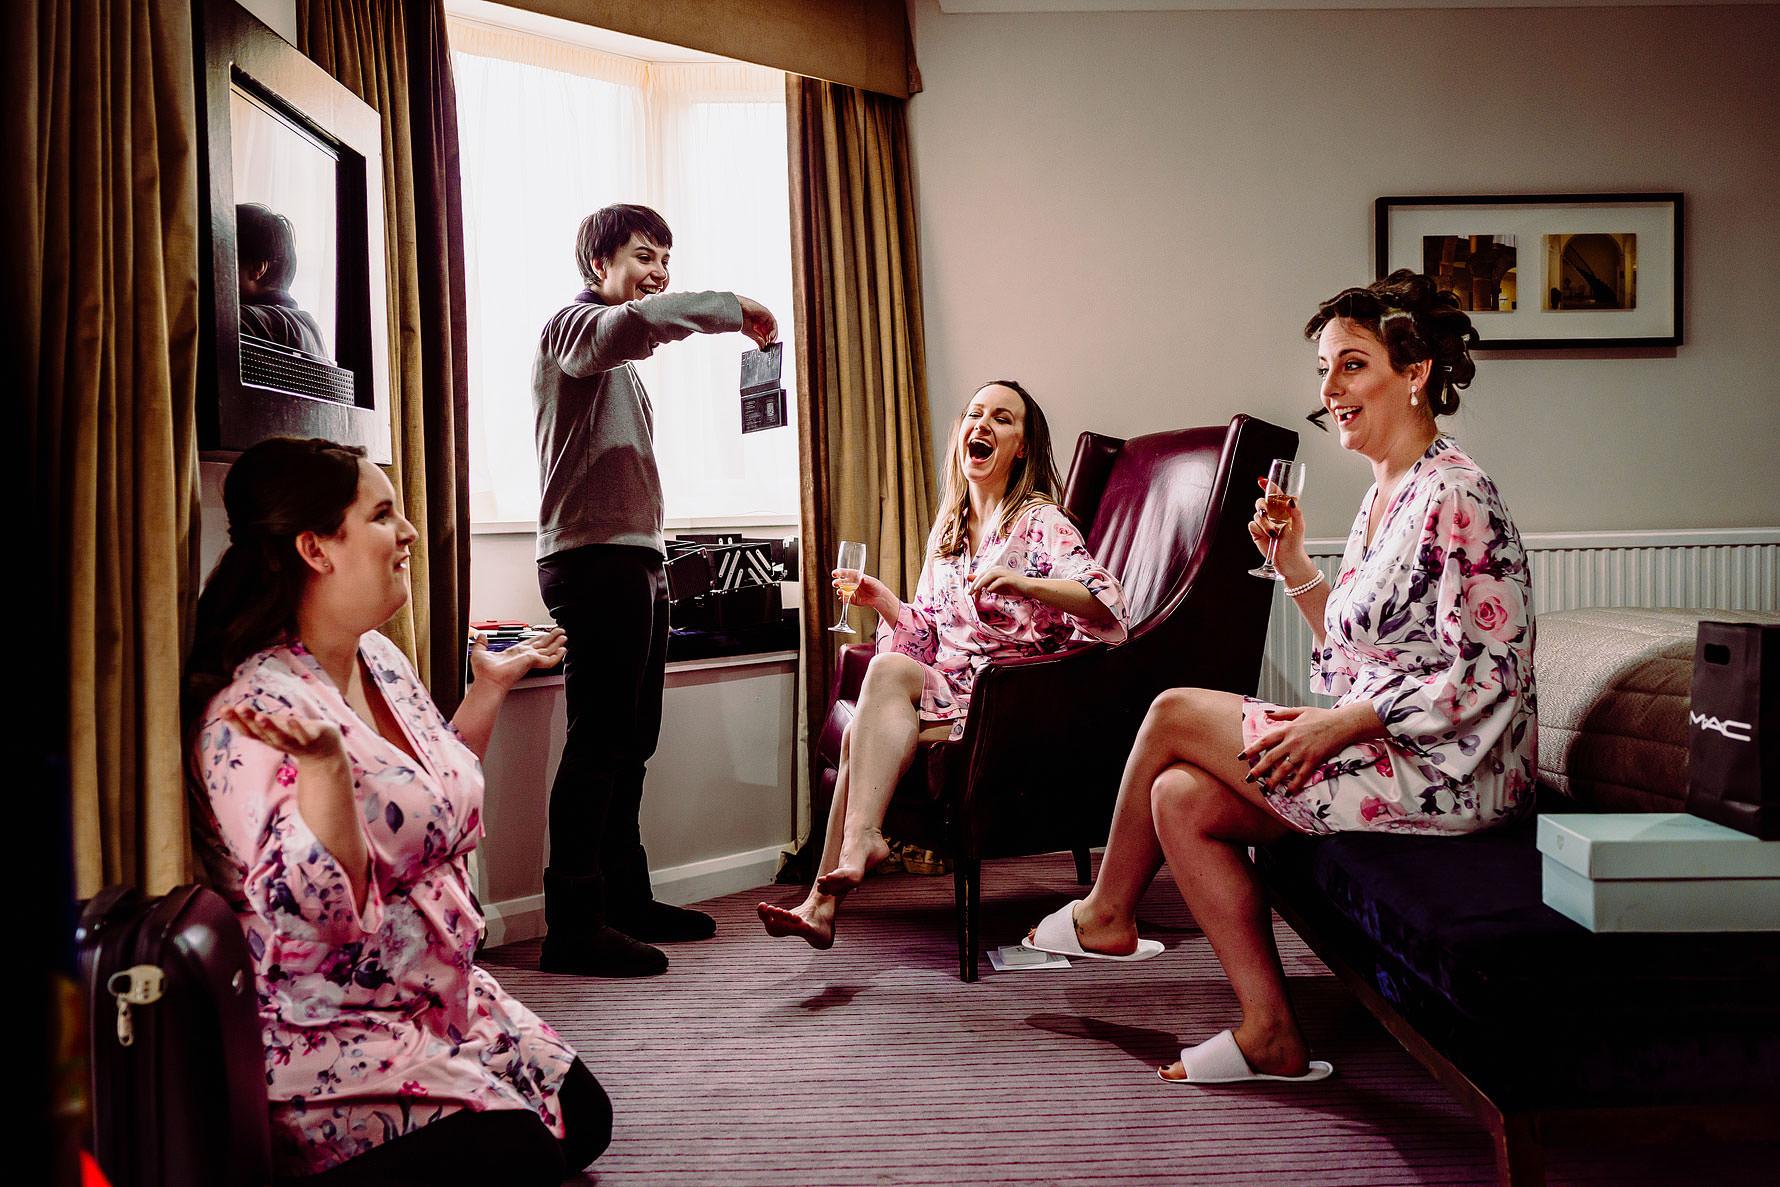 bridesmaids laugh